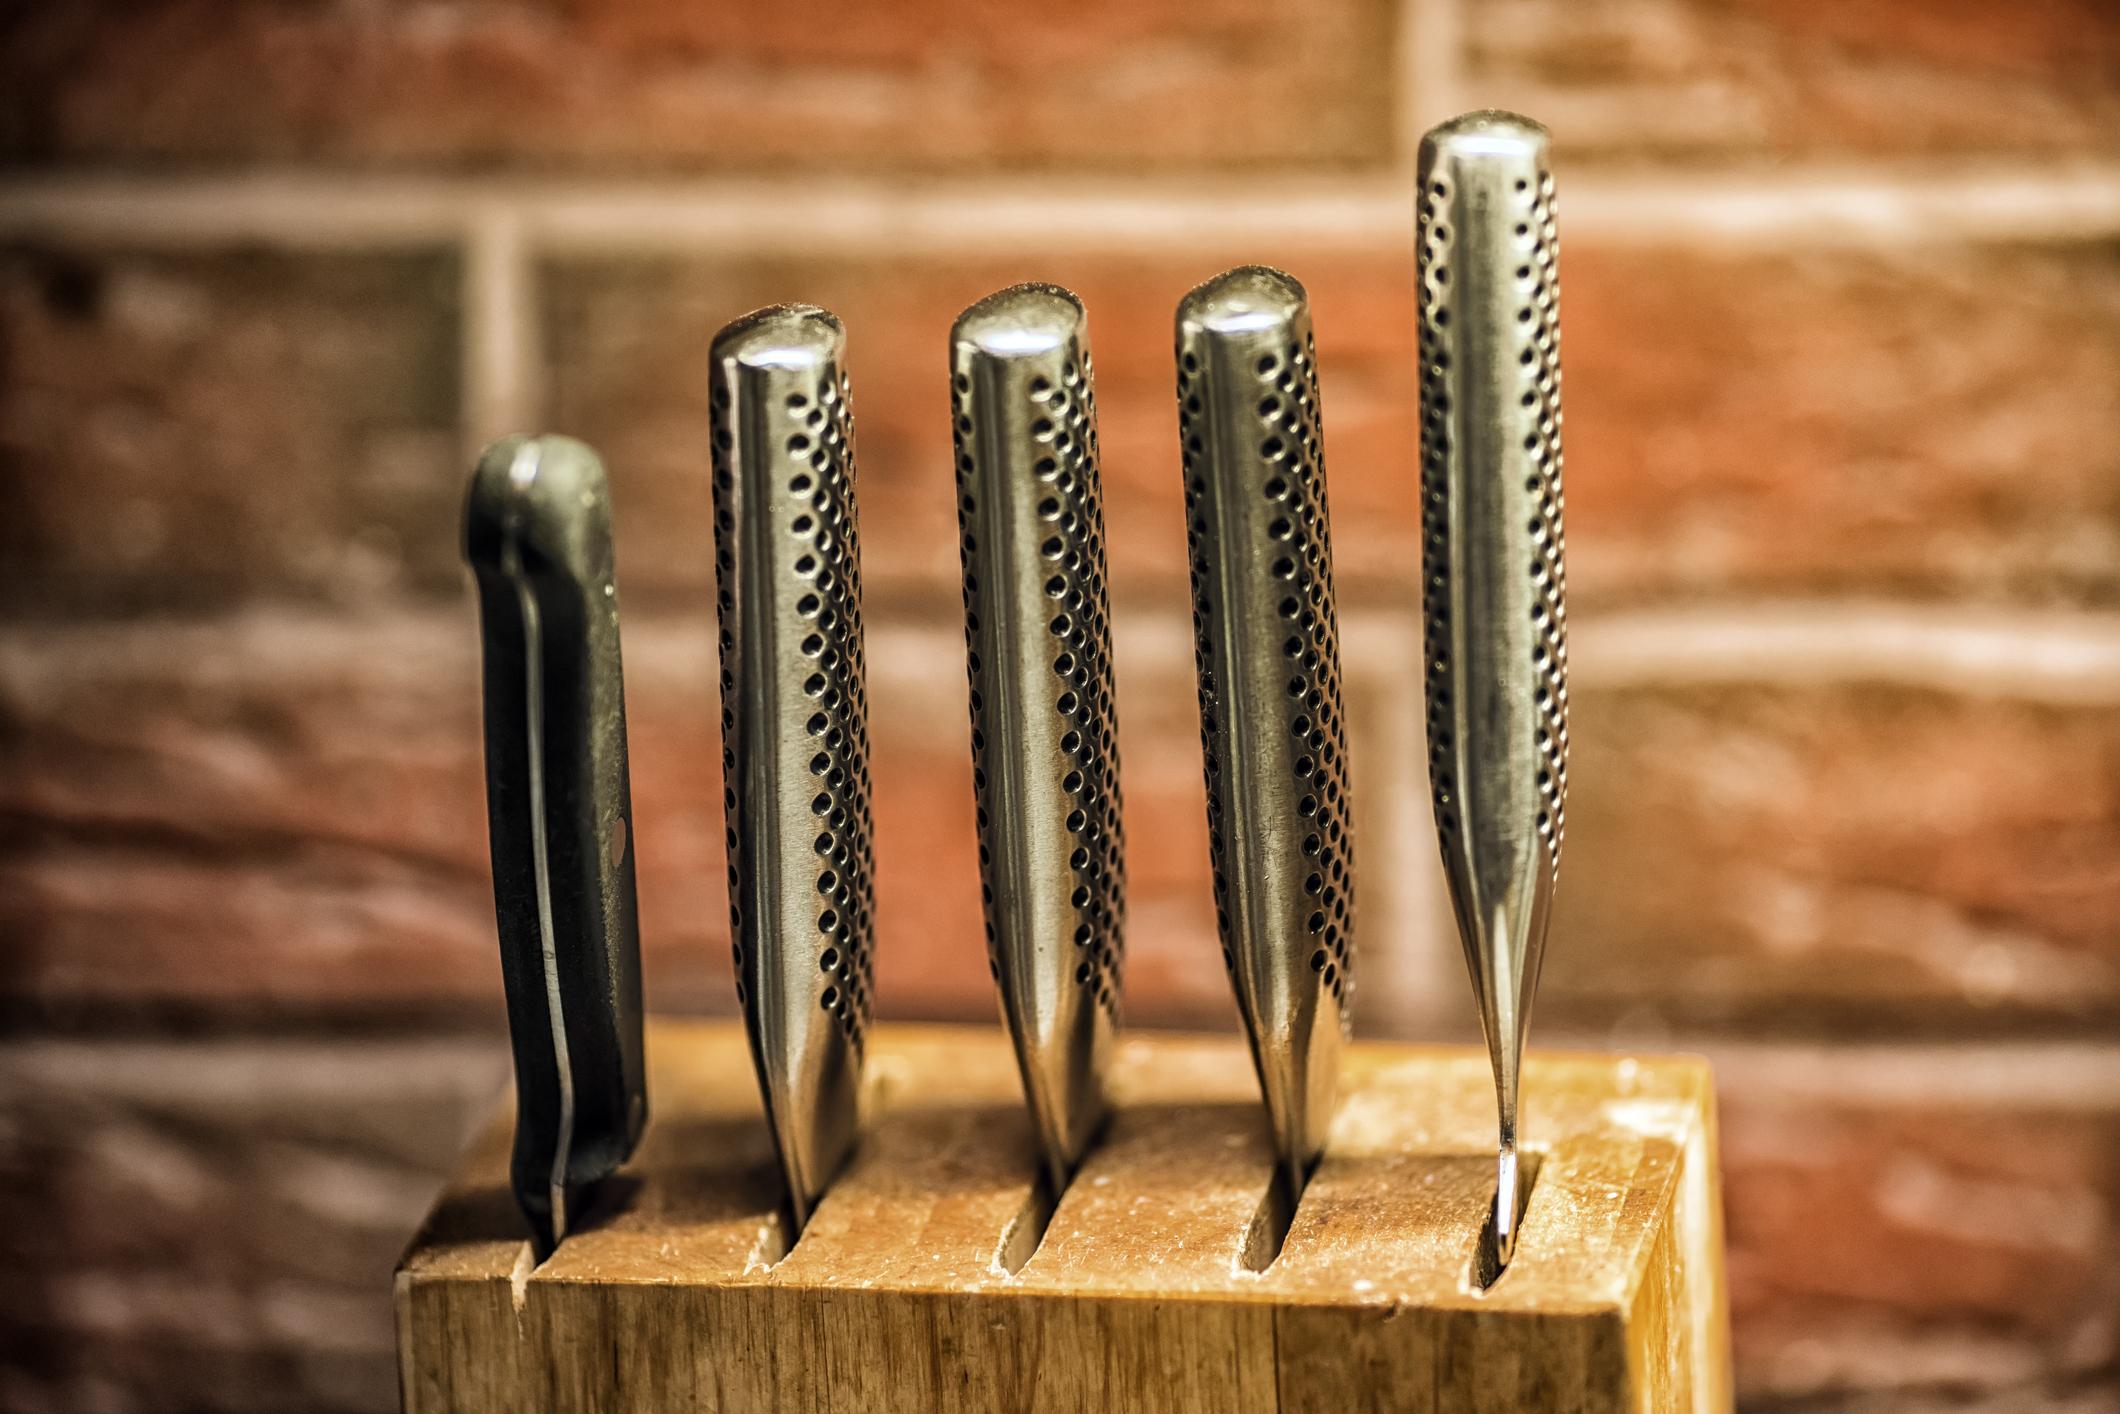 Следващите снимки са насочени към практичността в дома. Всяка домакиня трябва да има поне един комплект с качествени и добре наточени ножове в кухнята си.